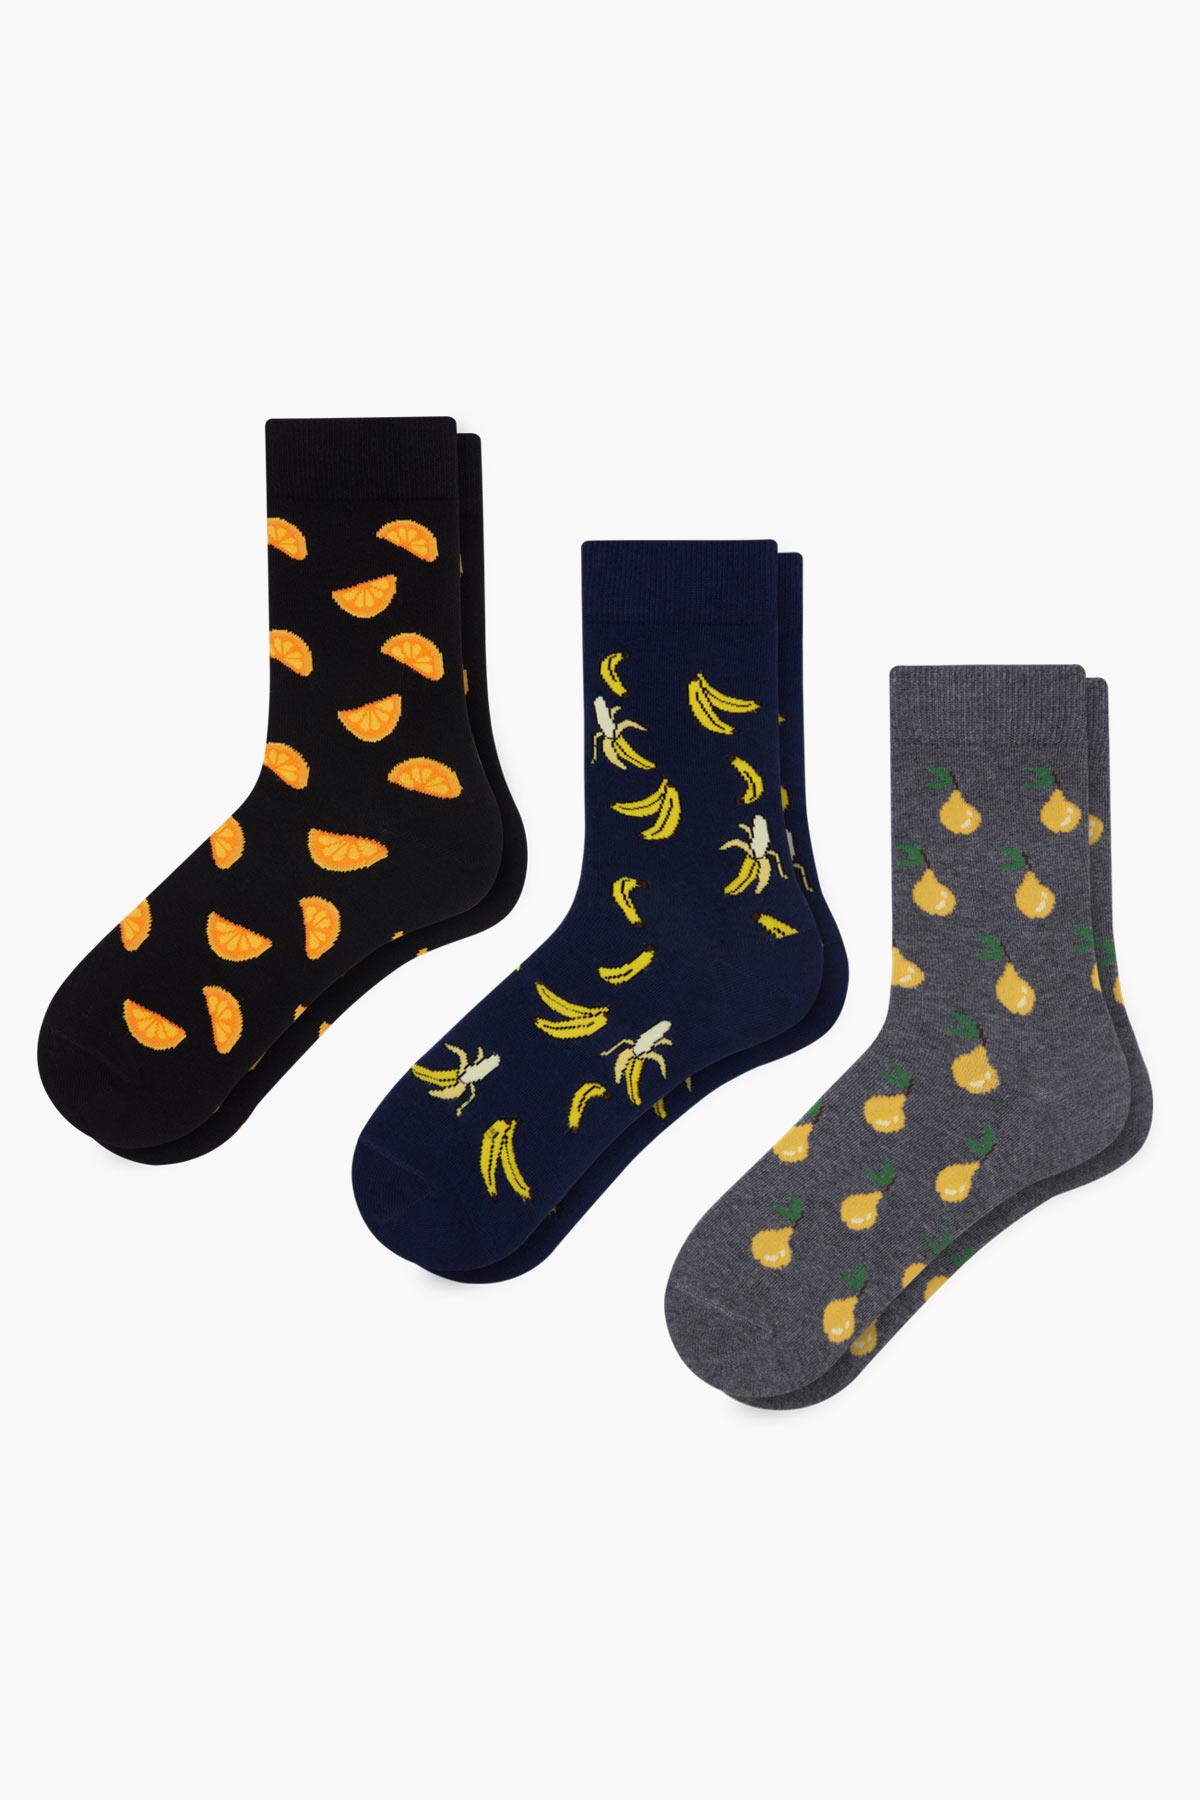 Bross 3-Pack Fruit Patterned Men's Socks